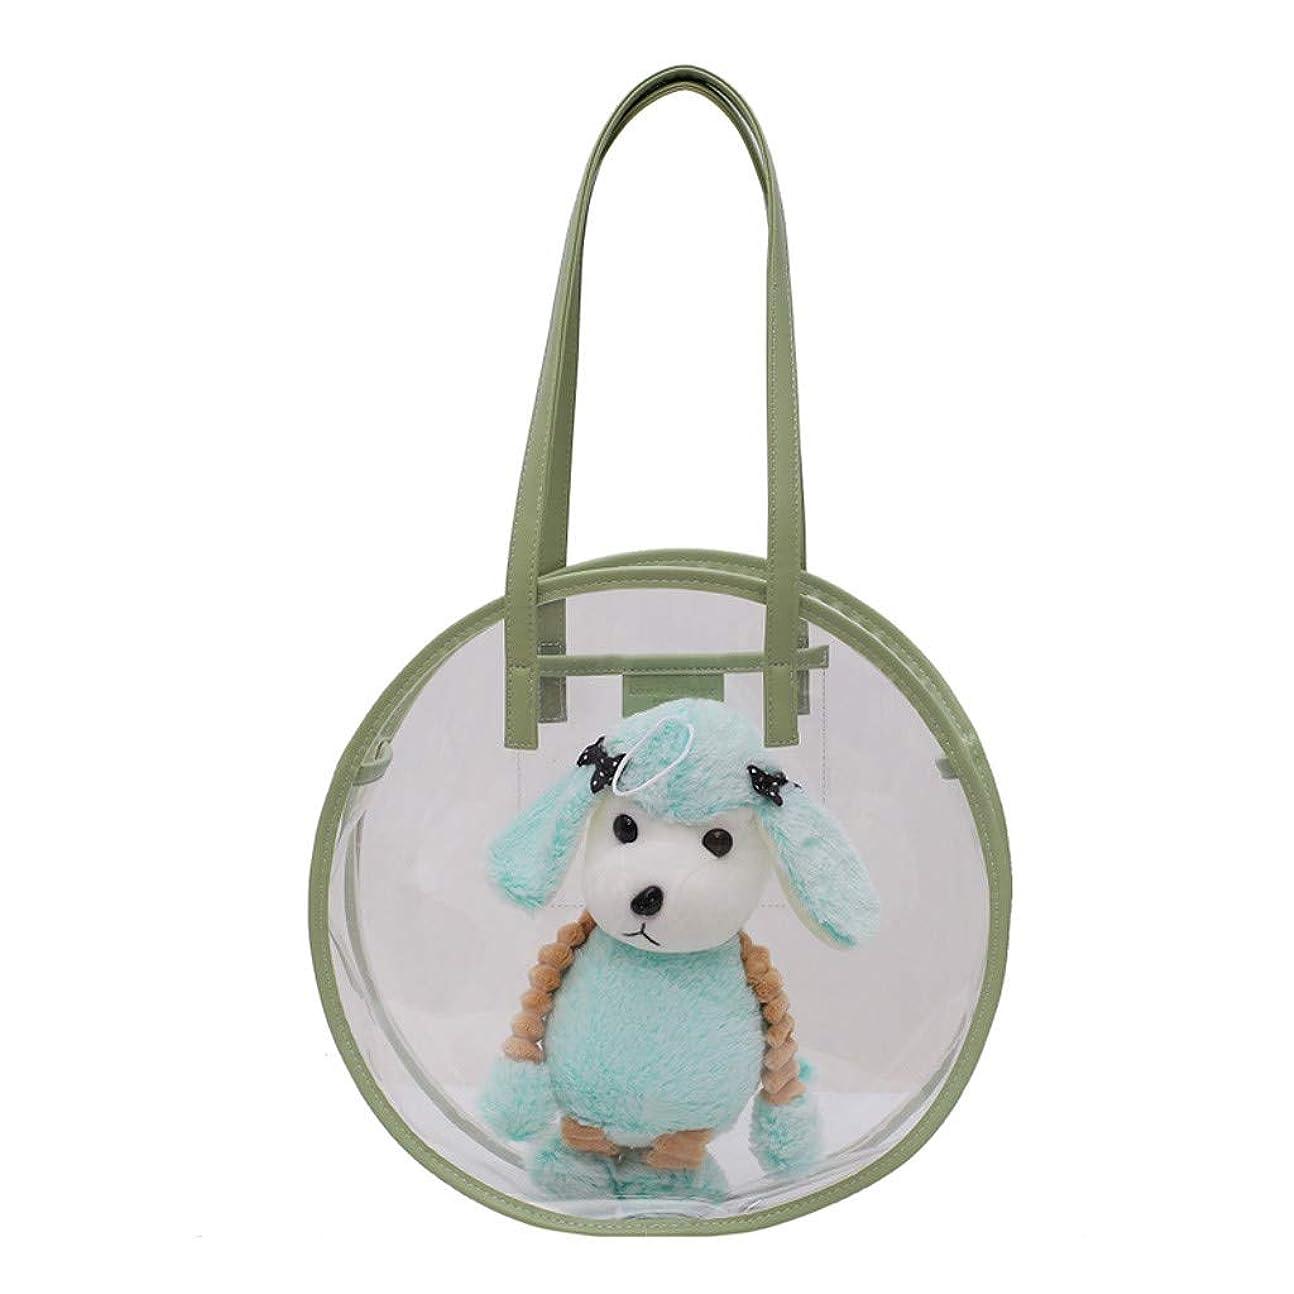 不注意改善征服するかわいいファッション 犬の特徴 透明防水 ビーチバッグ ポータブル 透明化粧品バッグ 旅行用メイクポーチ ジッパー 防水 トートバッグ 取り外し可能 調整 33X9X33cm 3色